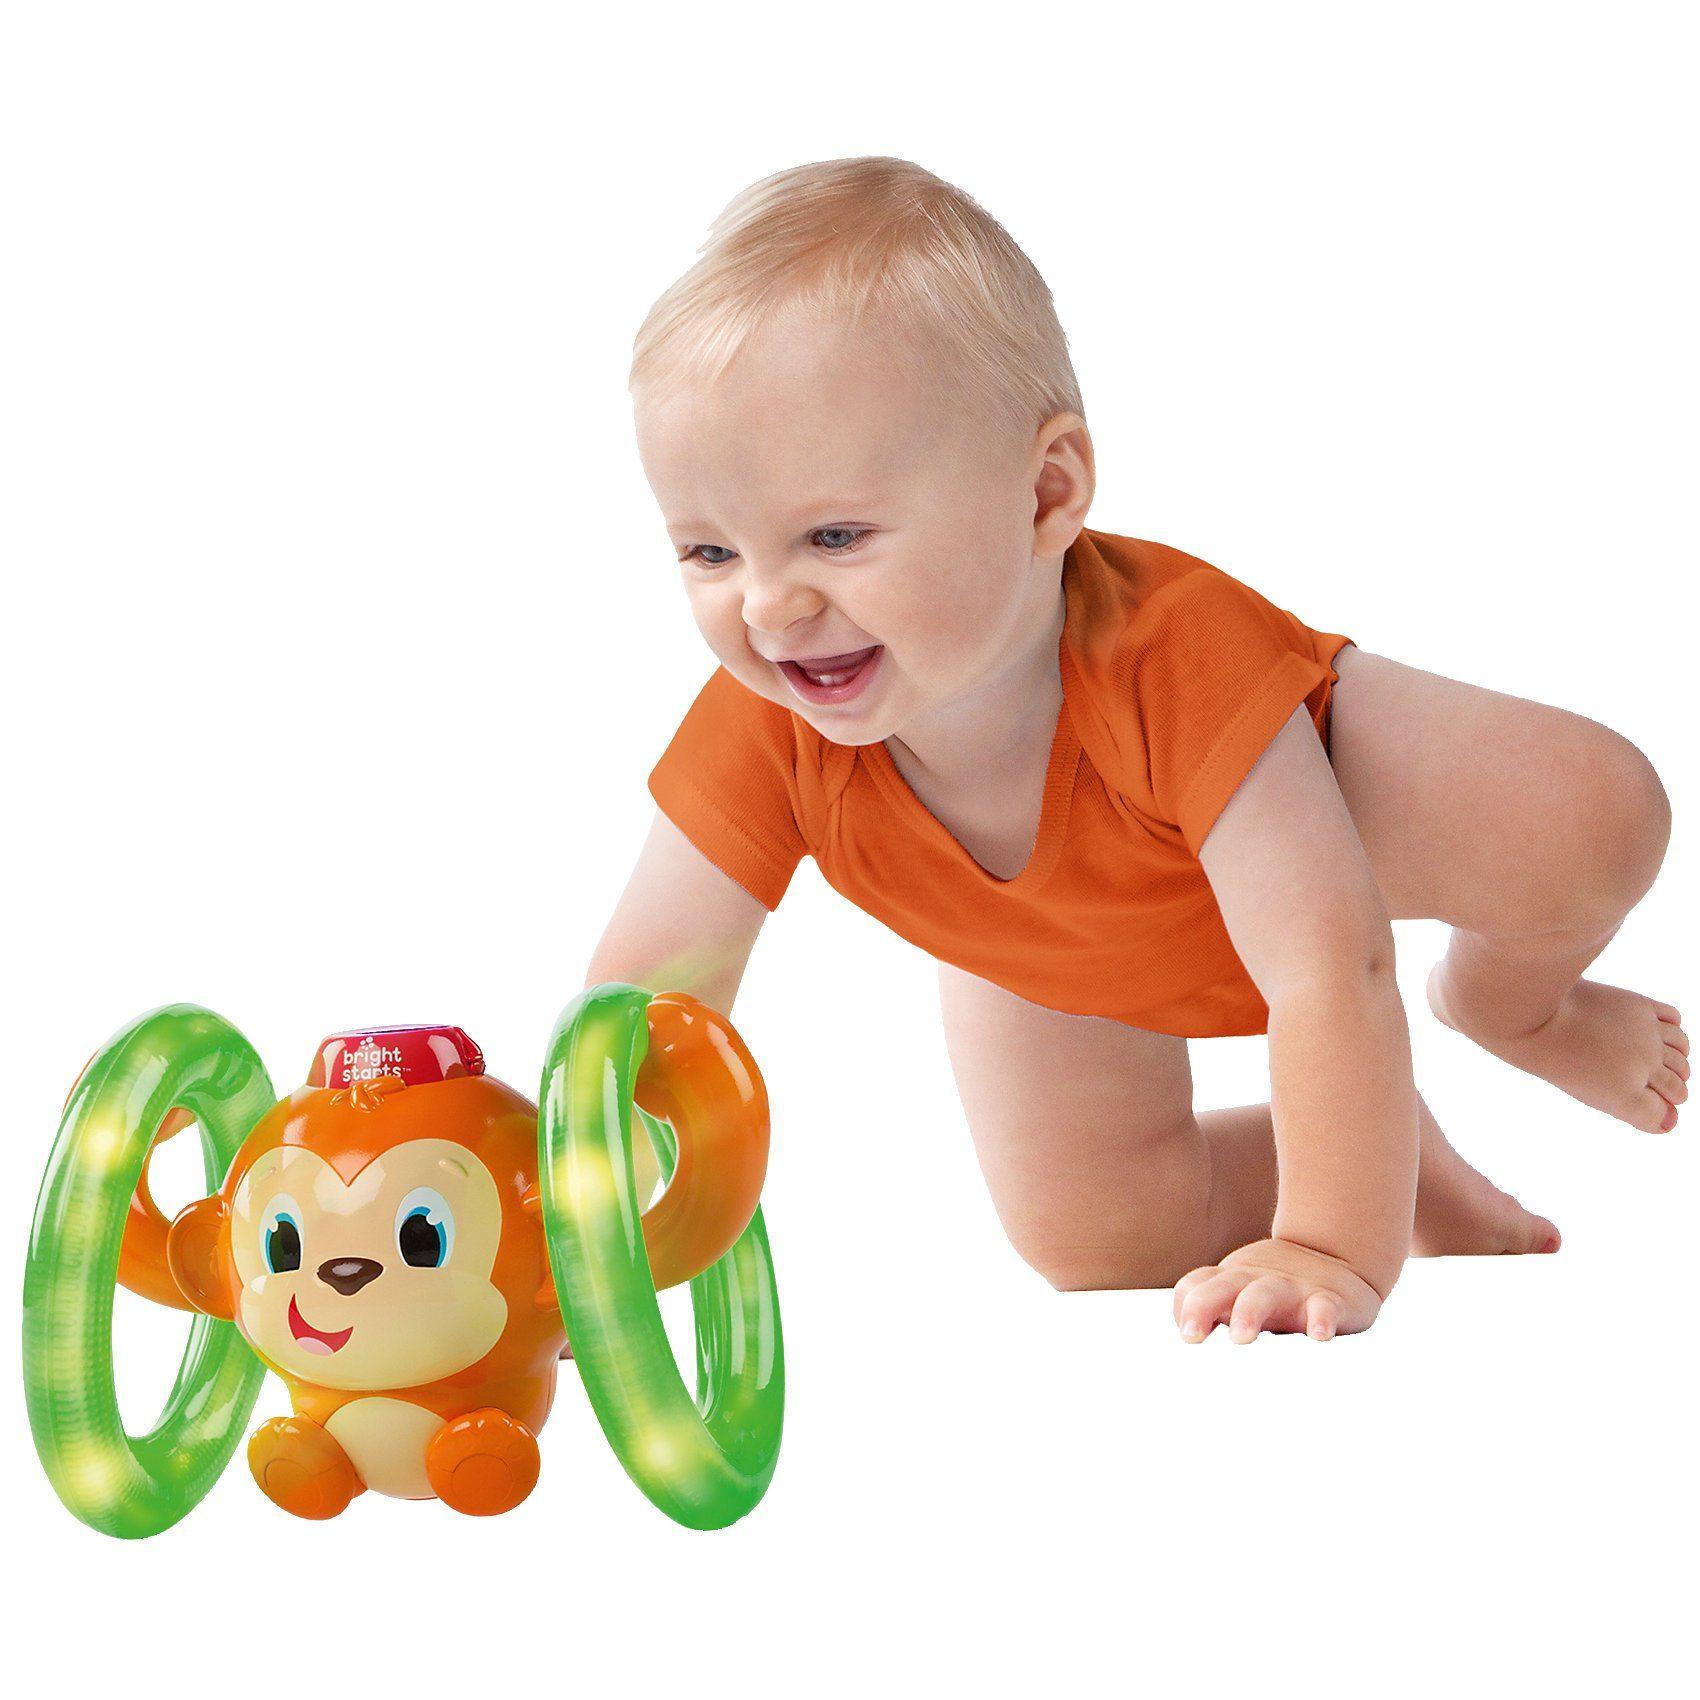 Kids II Bright Starts Leucht- und Roll-Affe